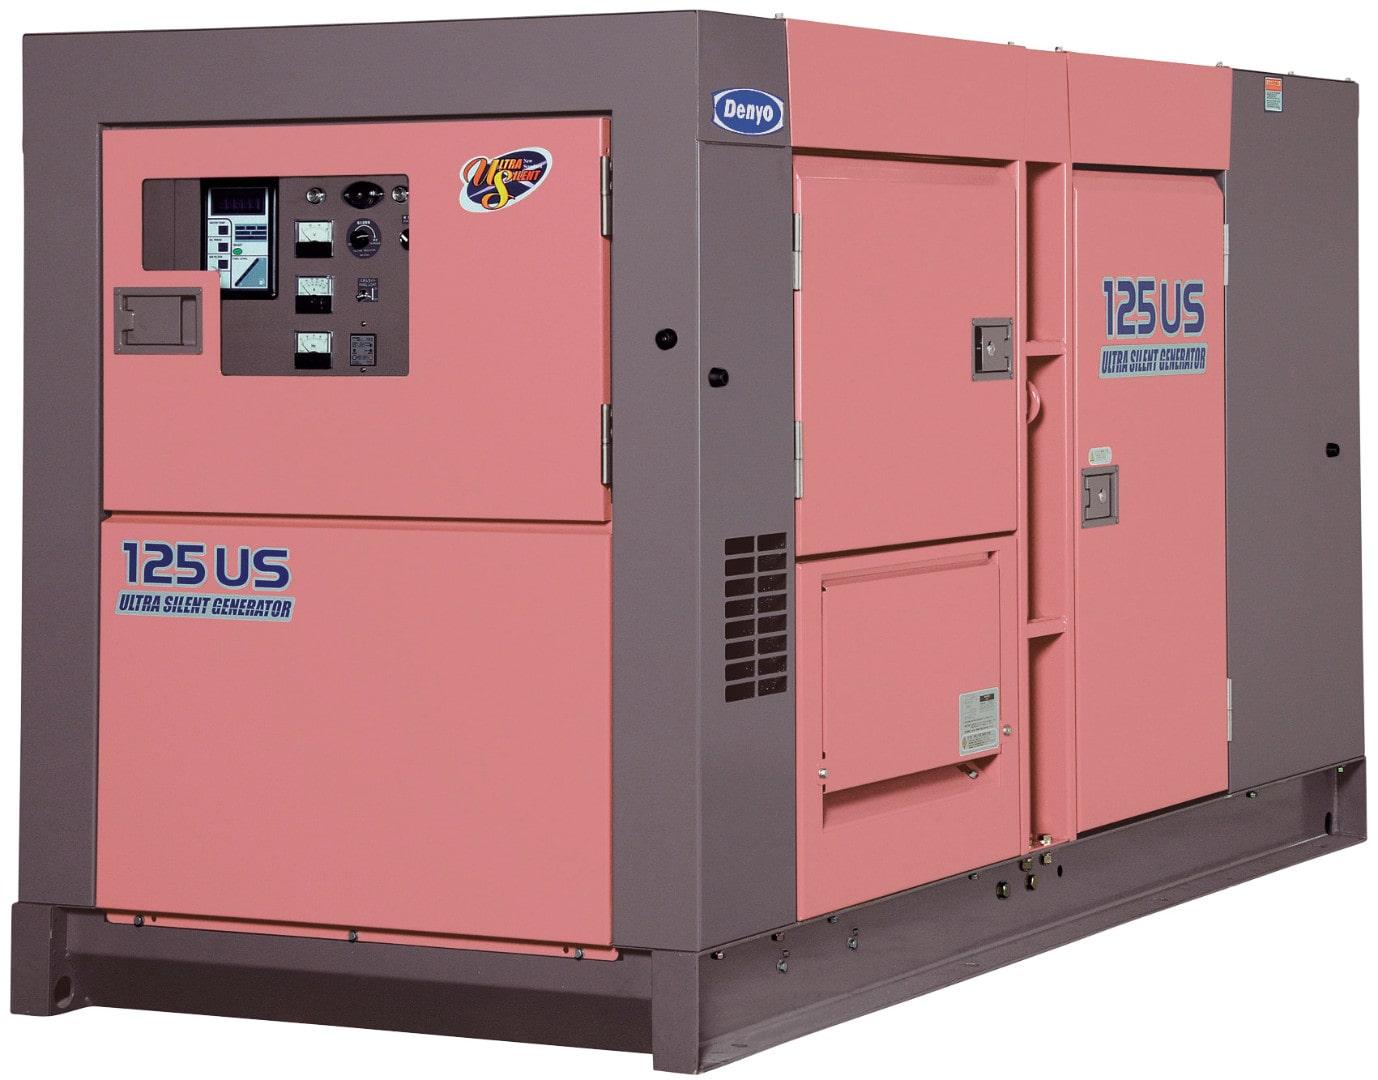 дизельная электростанция denyo dca-125ush